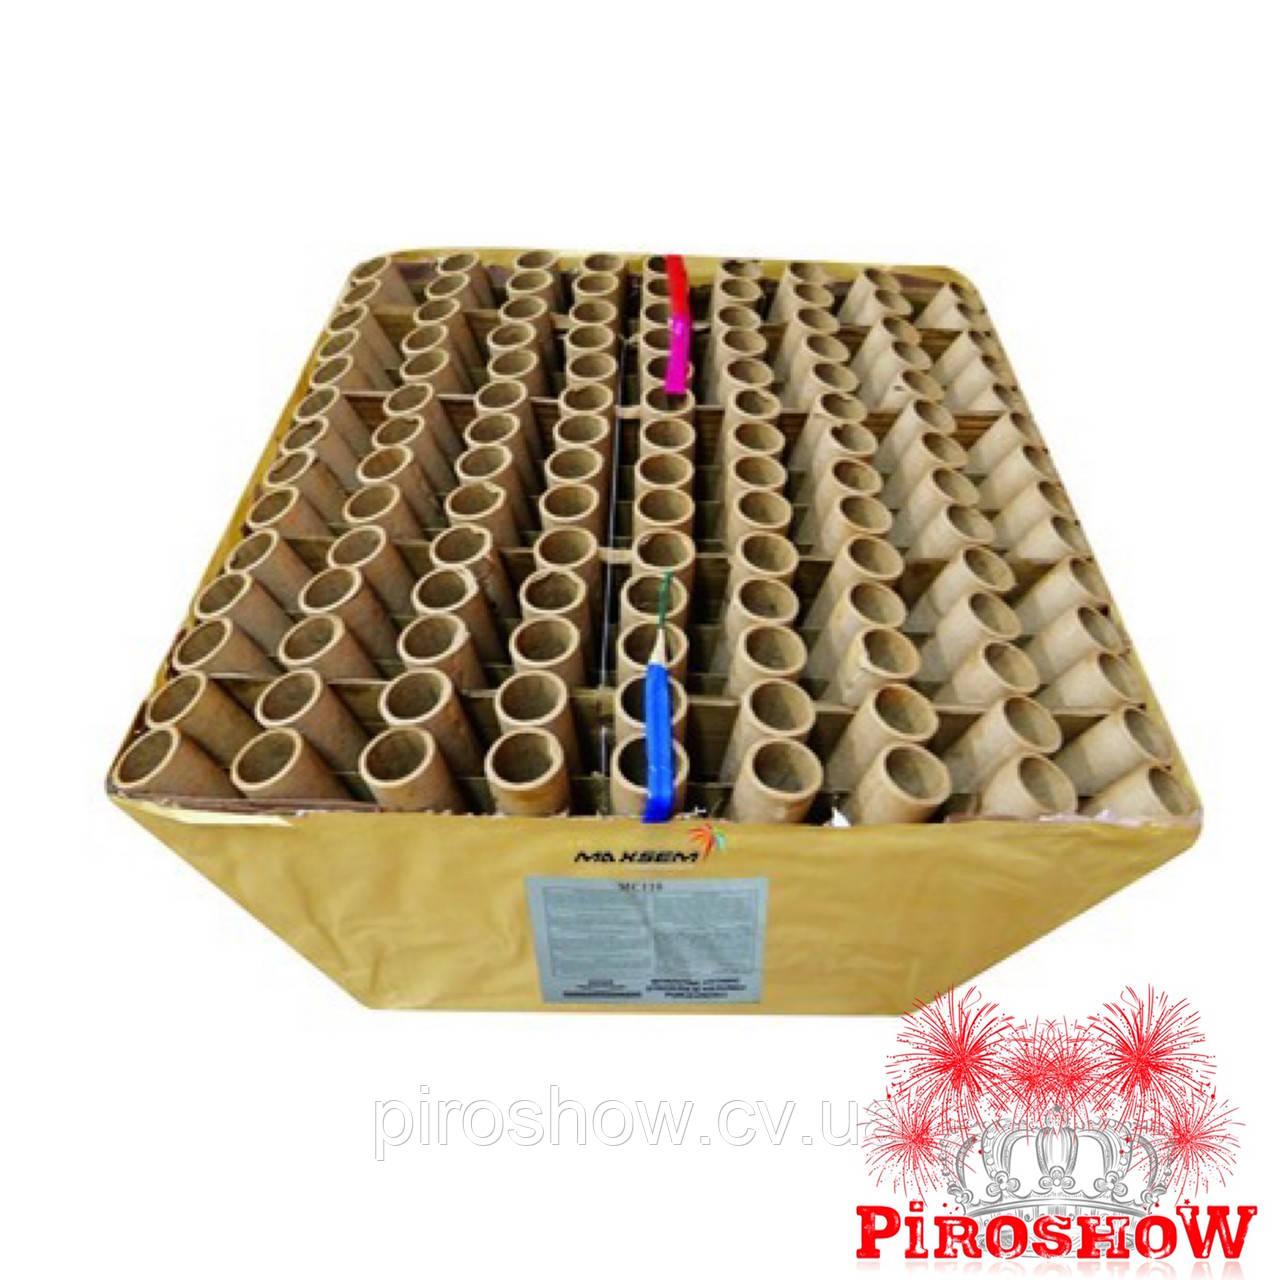 Салютная установка 130 выстрелов/30 калибр